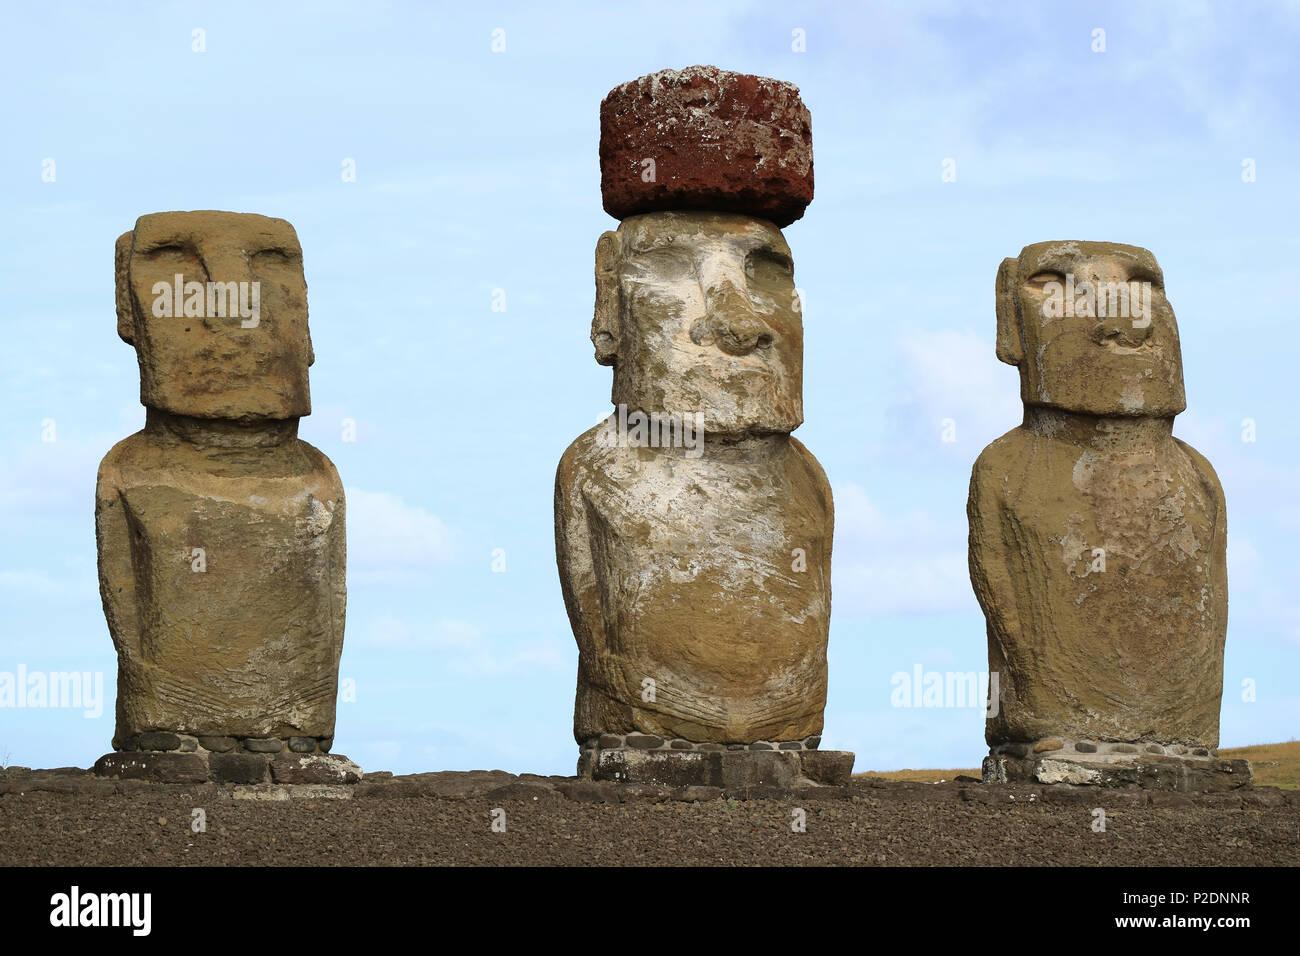 Trois des quinze grandes statues Moai de l'ahu Tongariki sur l'île de Pâques, Chili, Amérique du Sud Photo Stock